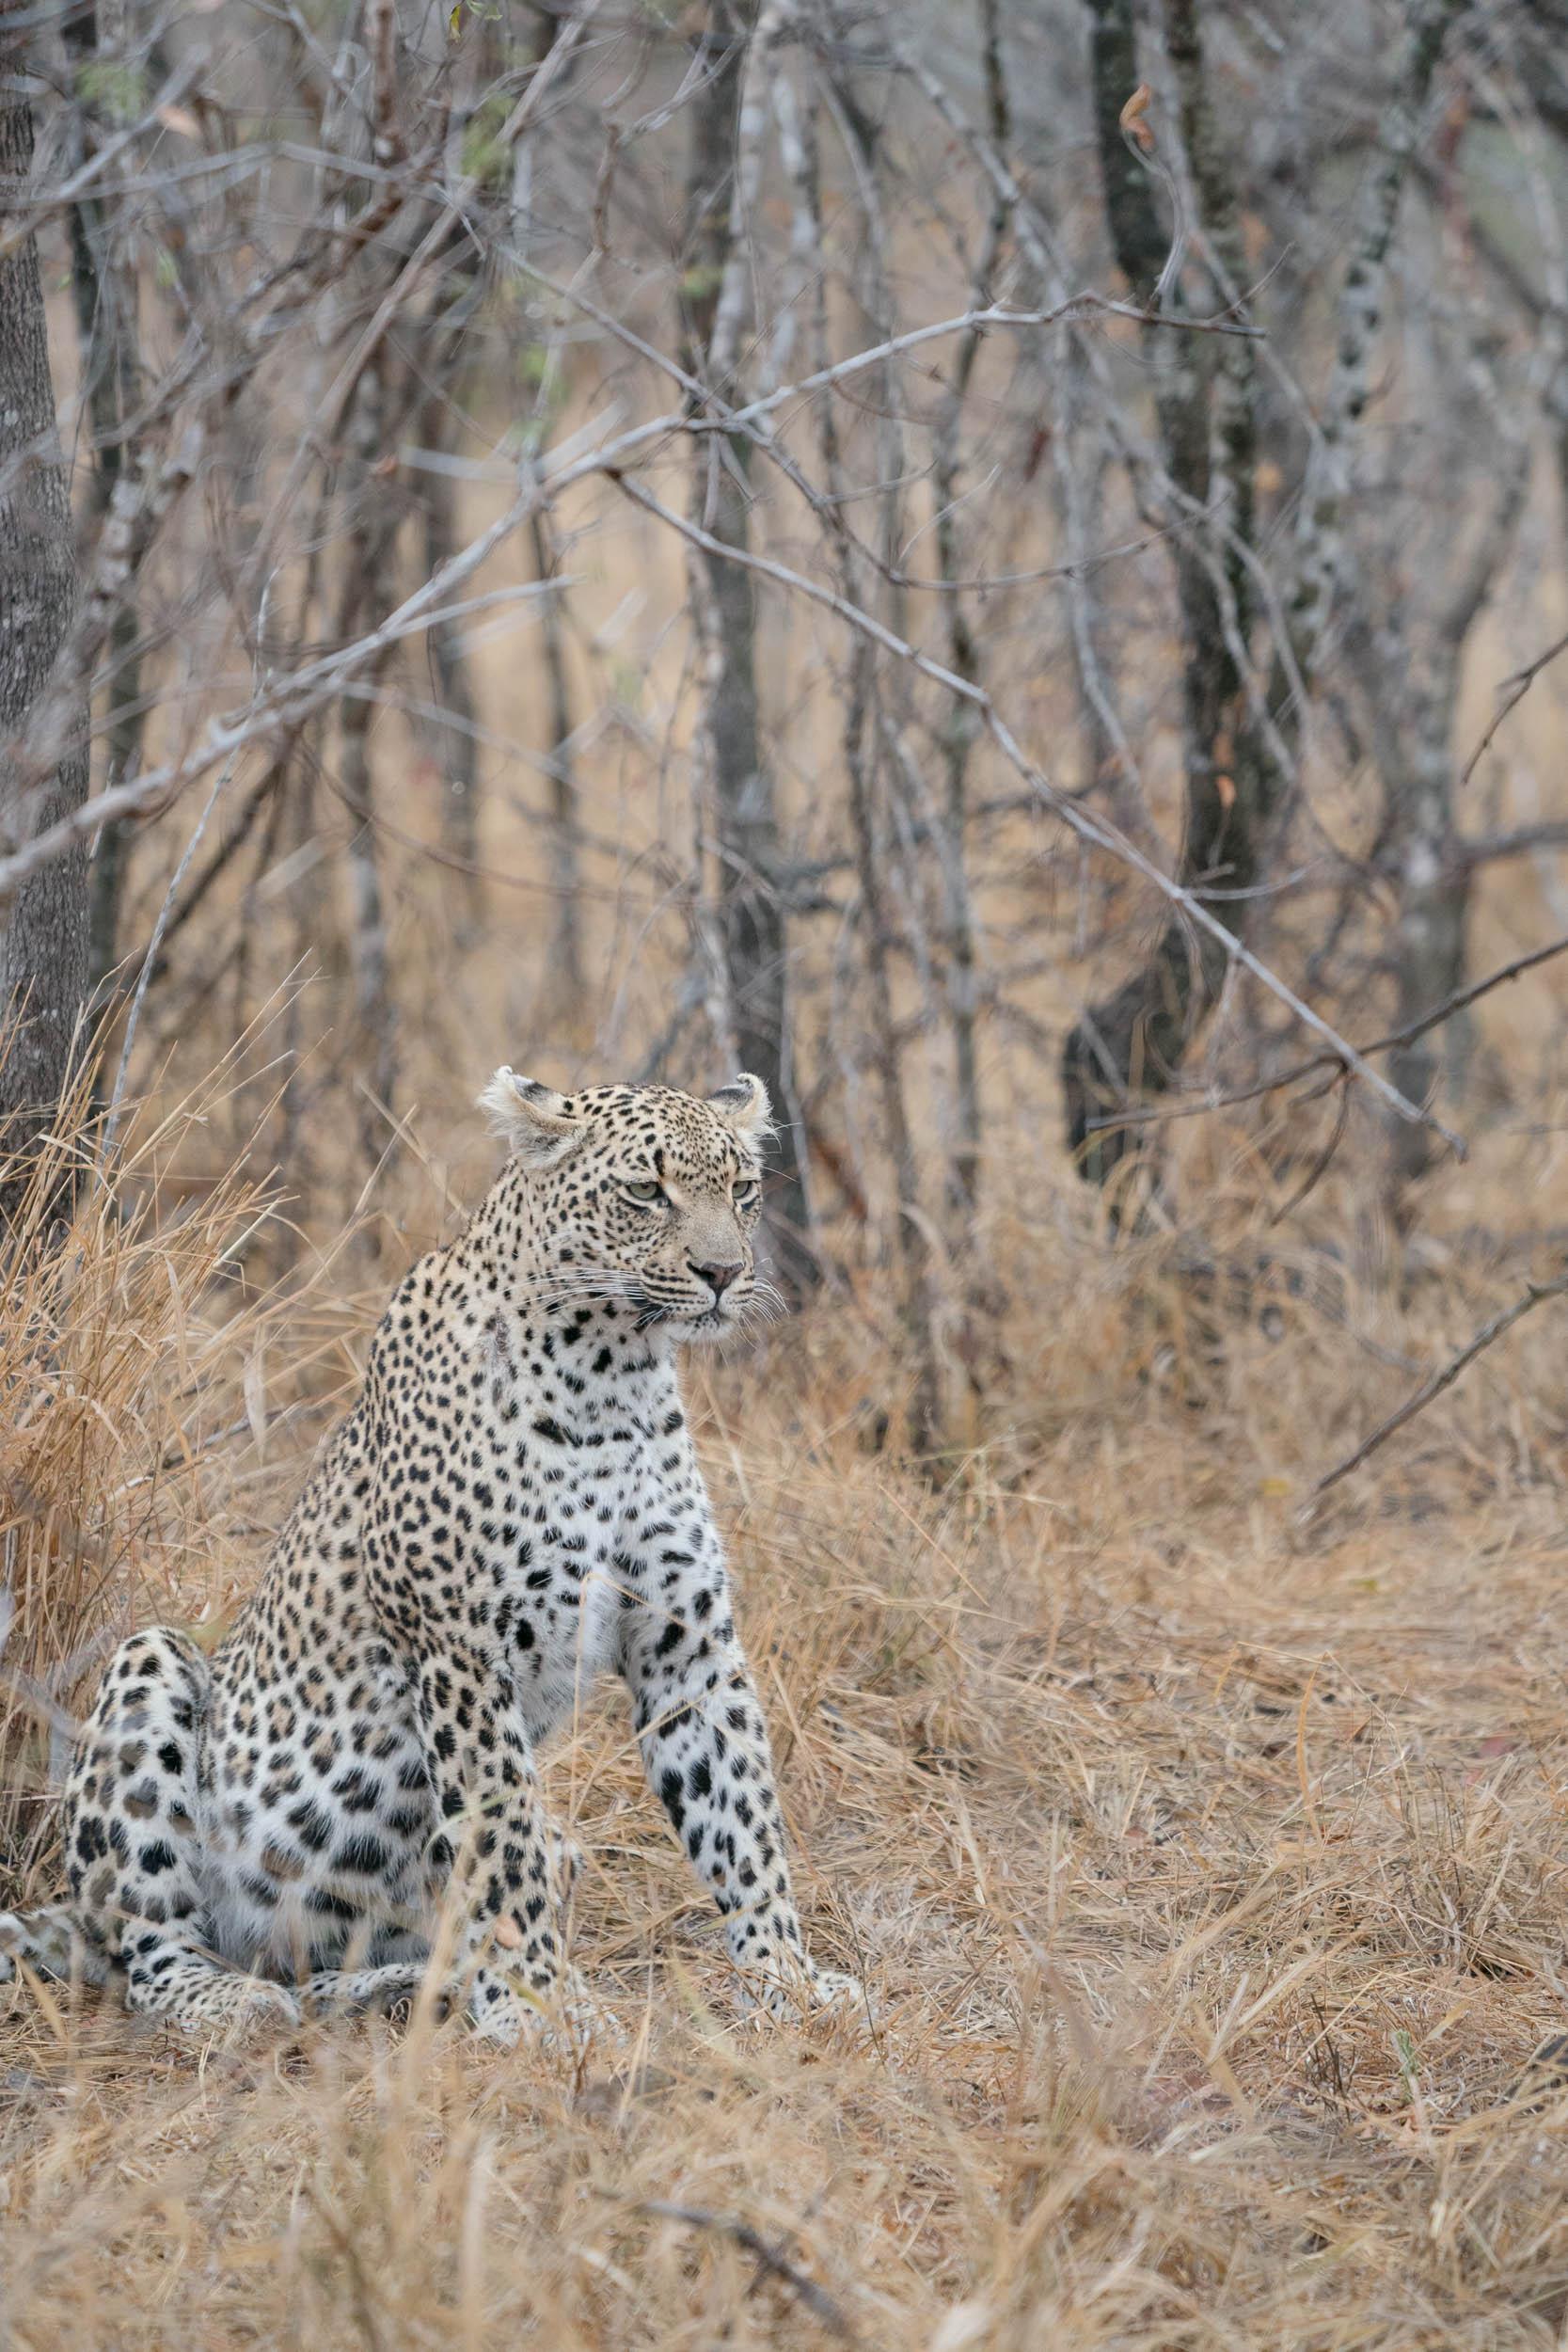 the_getaway_edit_south_africa_safari_londolozi_game_reserve-14.jpg